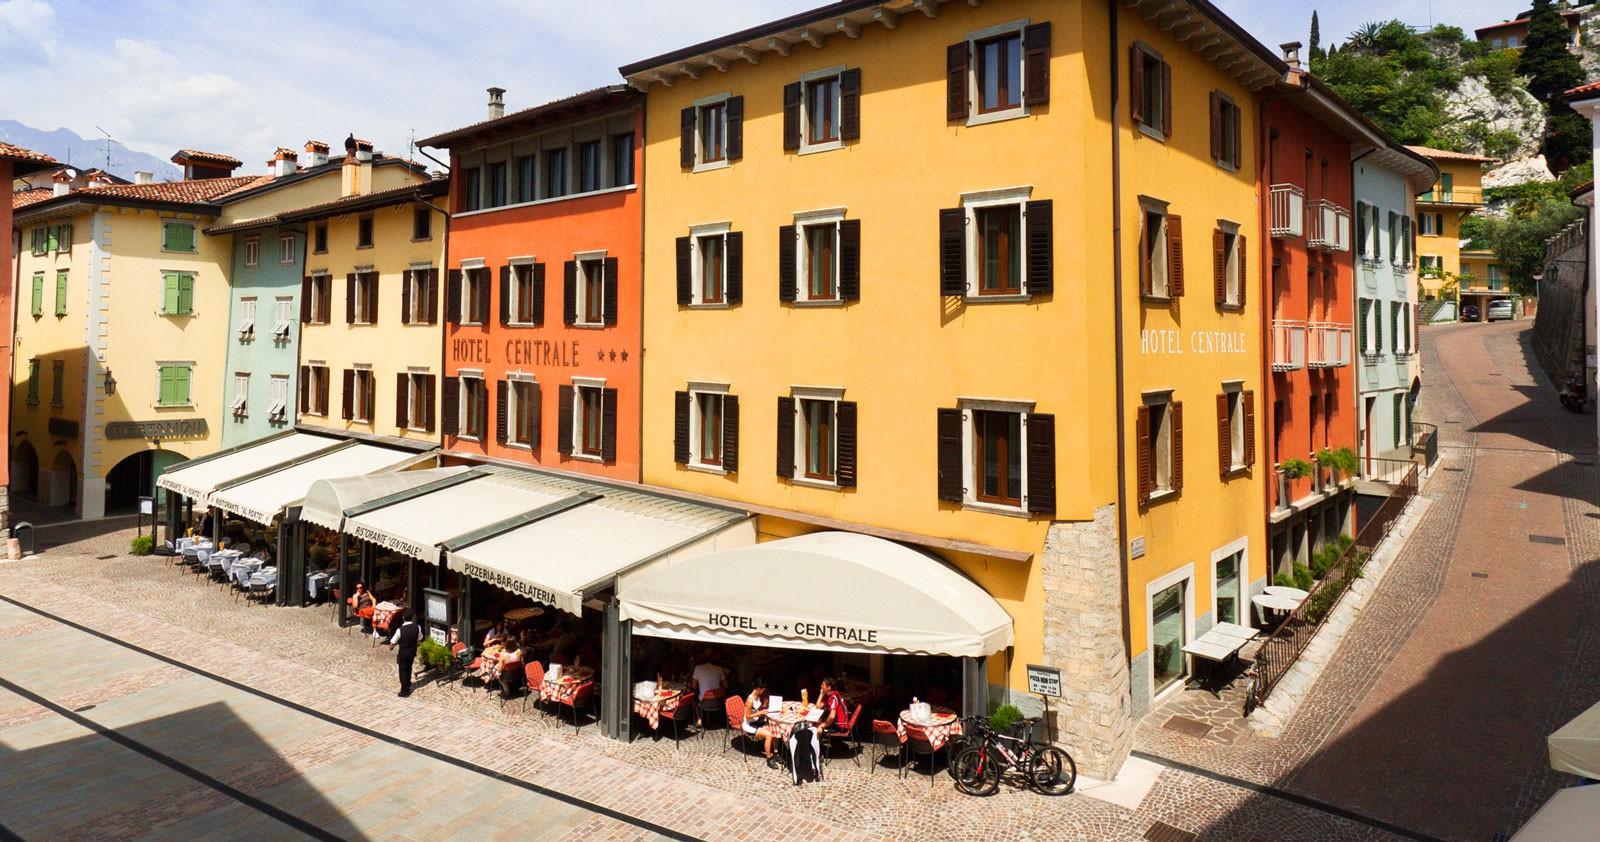 Hotel Hotel Centrale Torbole Sul Garda Ristorante E